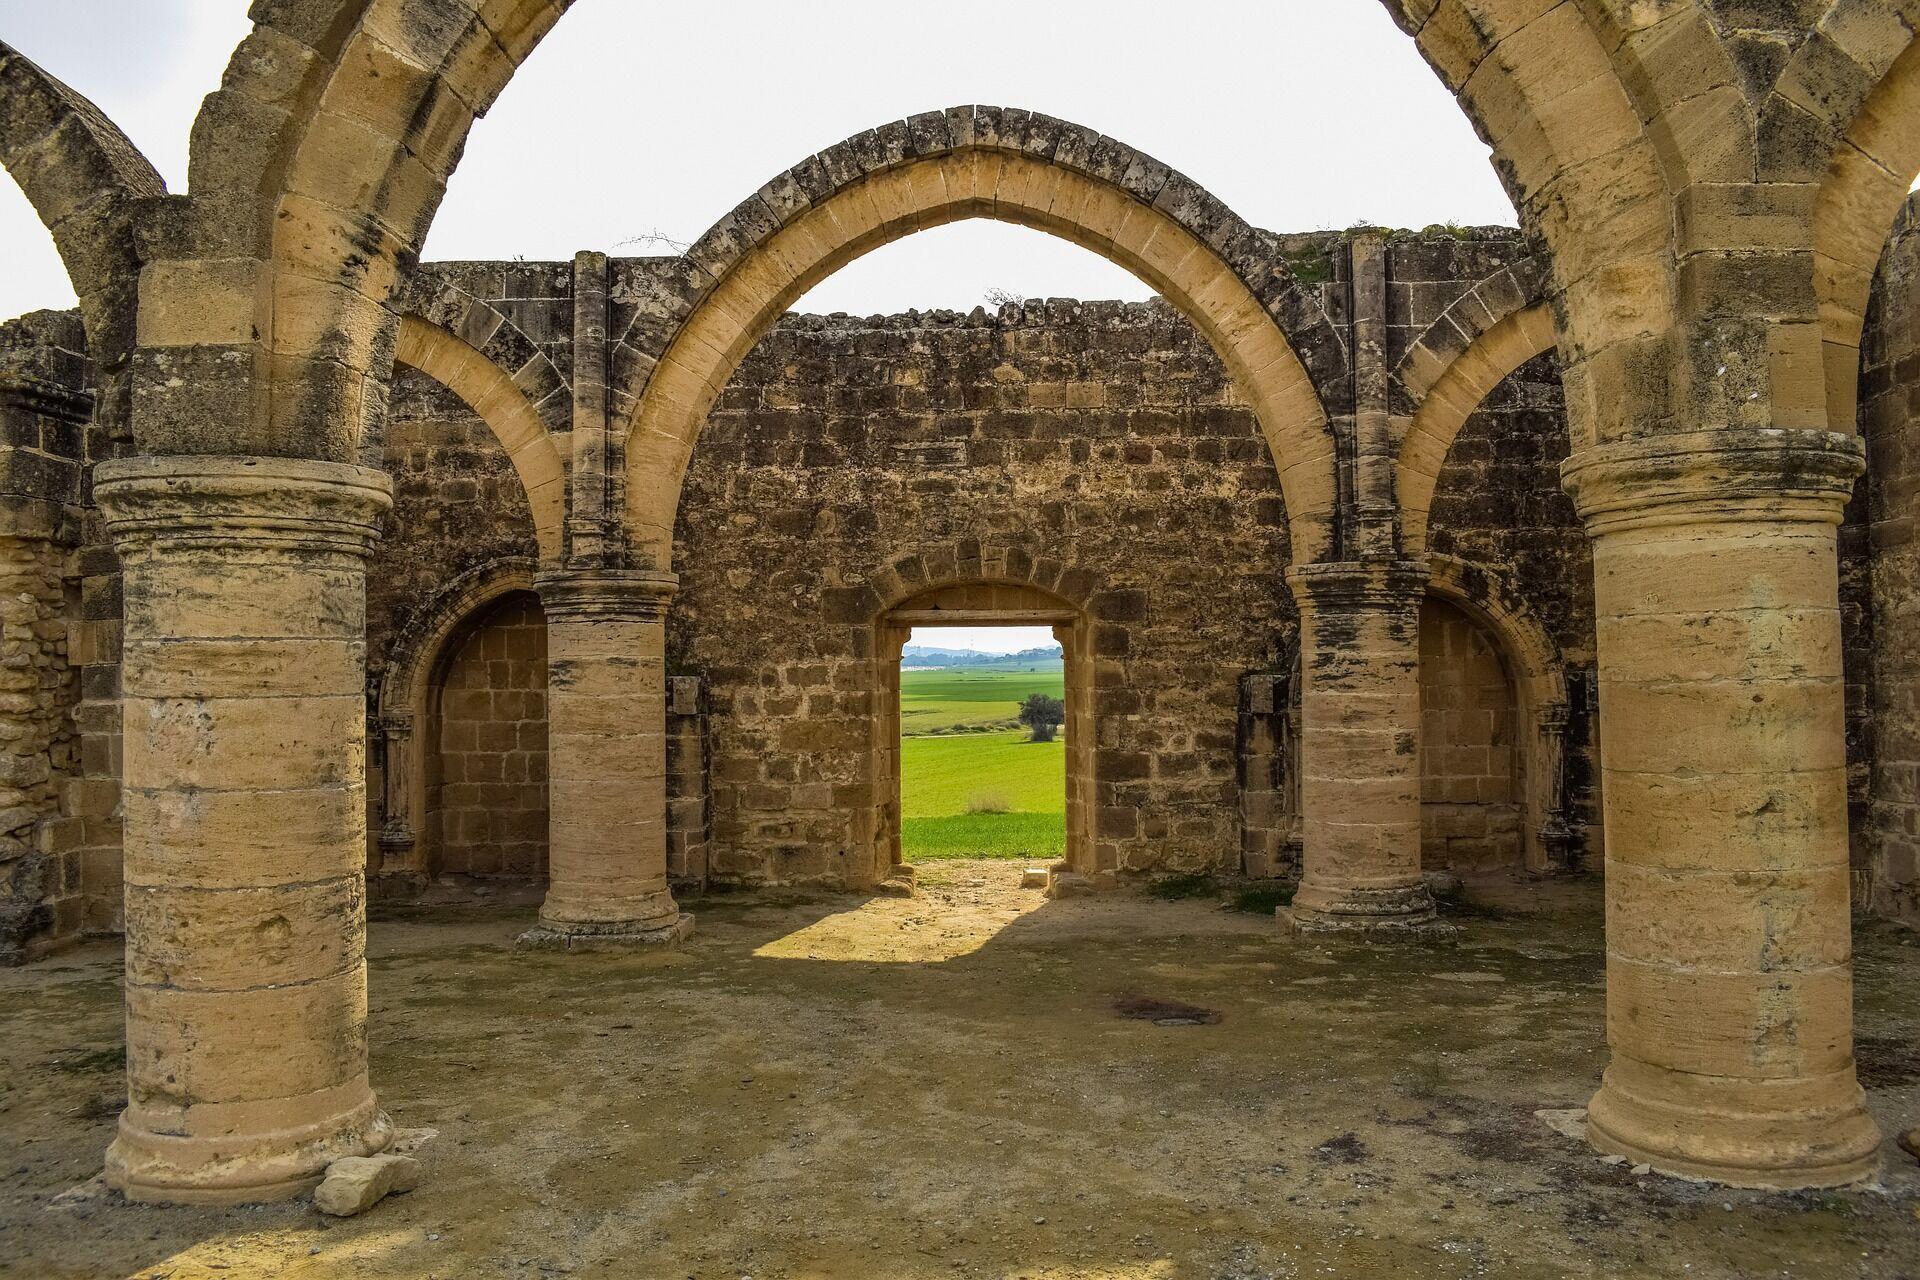 На Кипре запрещено фотографировать военные объекты